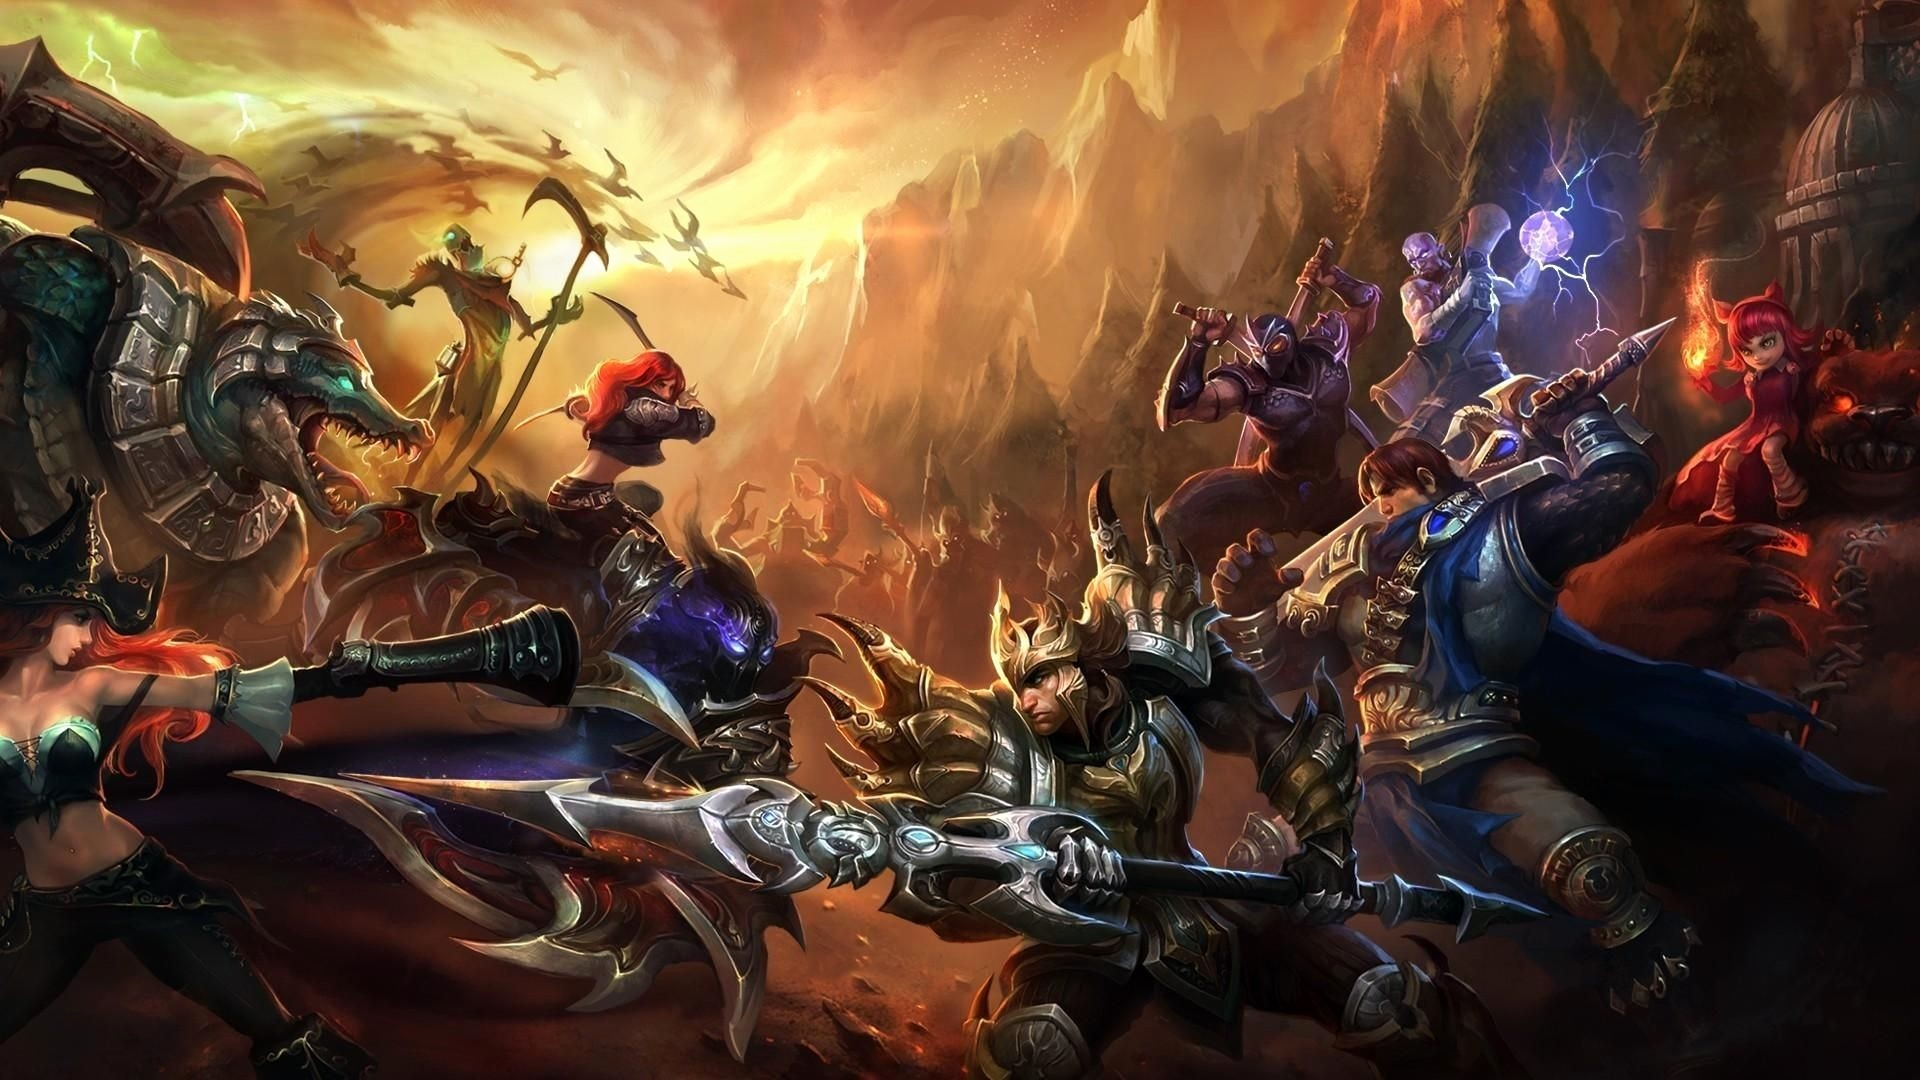 League of Legends 4K Wallpaper (54+ images)